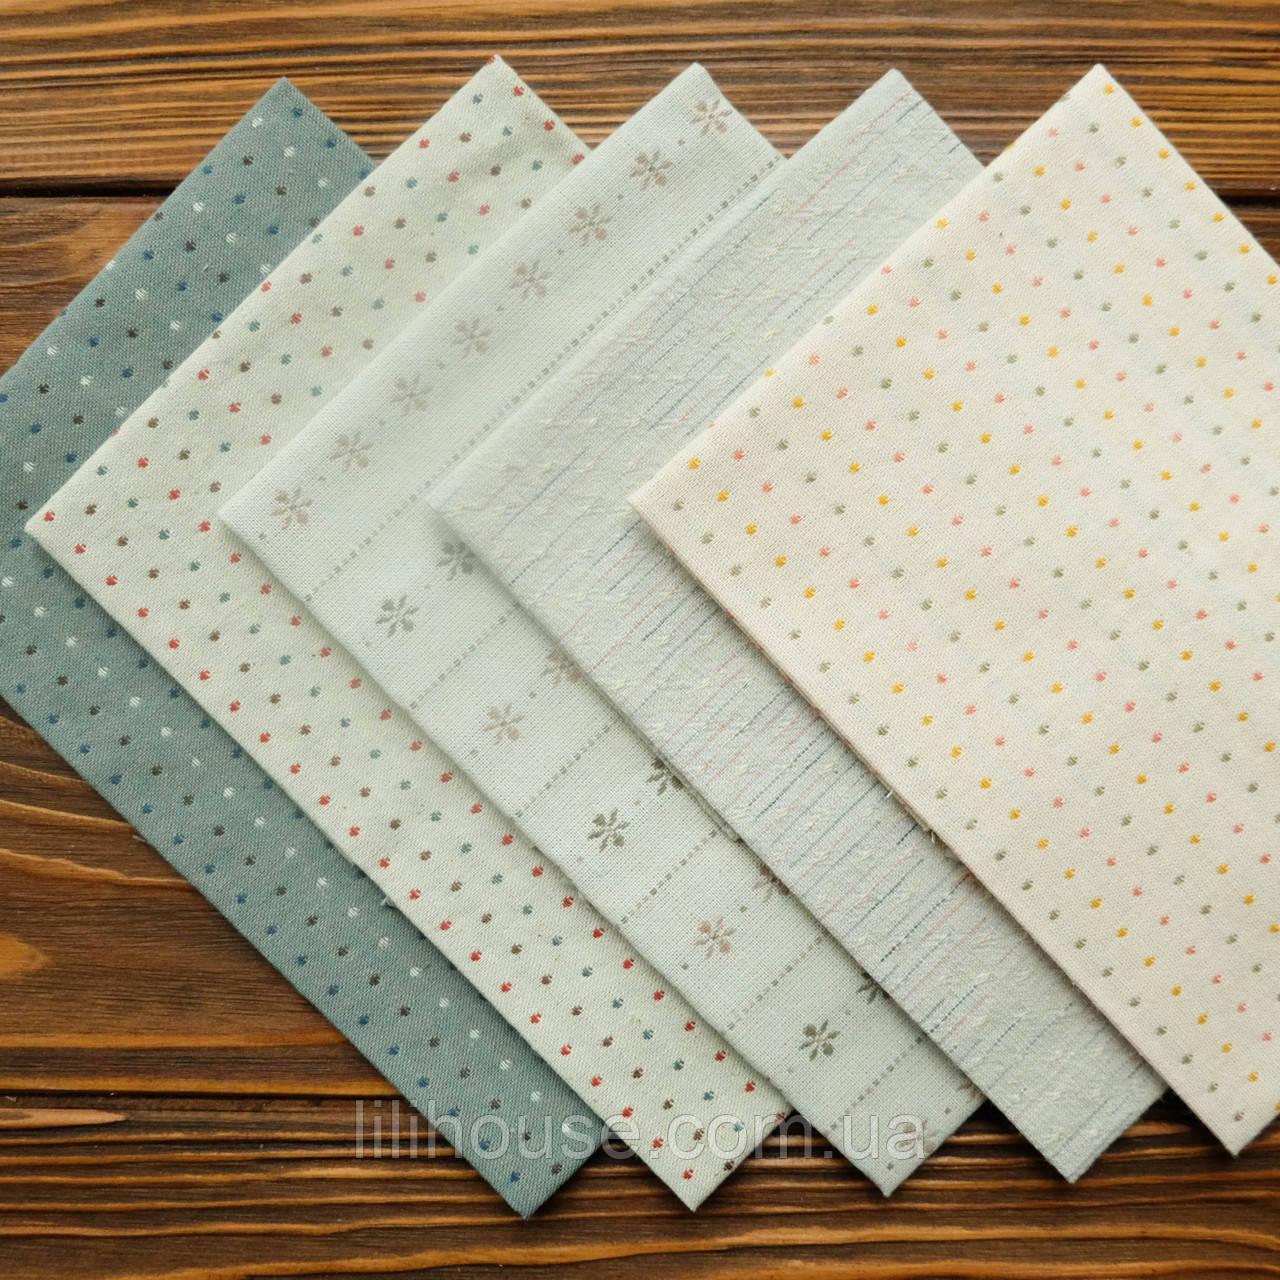 """Японский фактурный хлопок """"White Mint Chocolate"""" набор из 5 отрезов 25*35 см"""